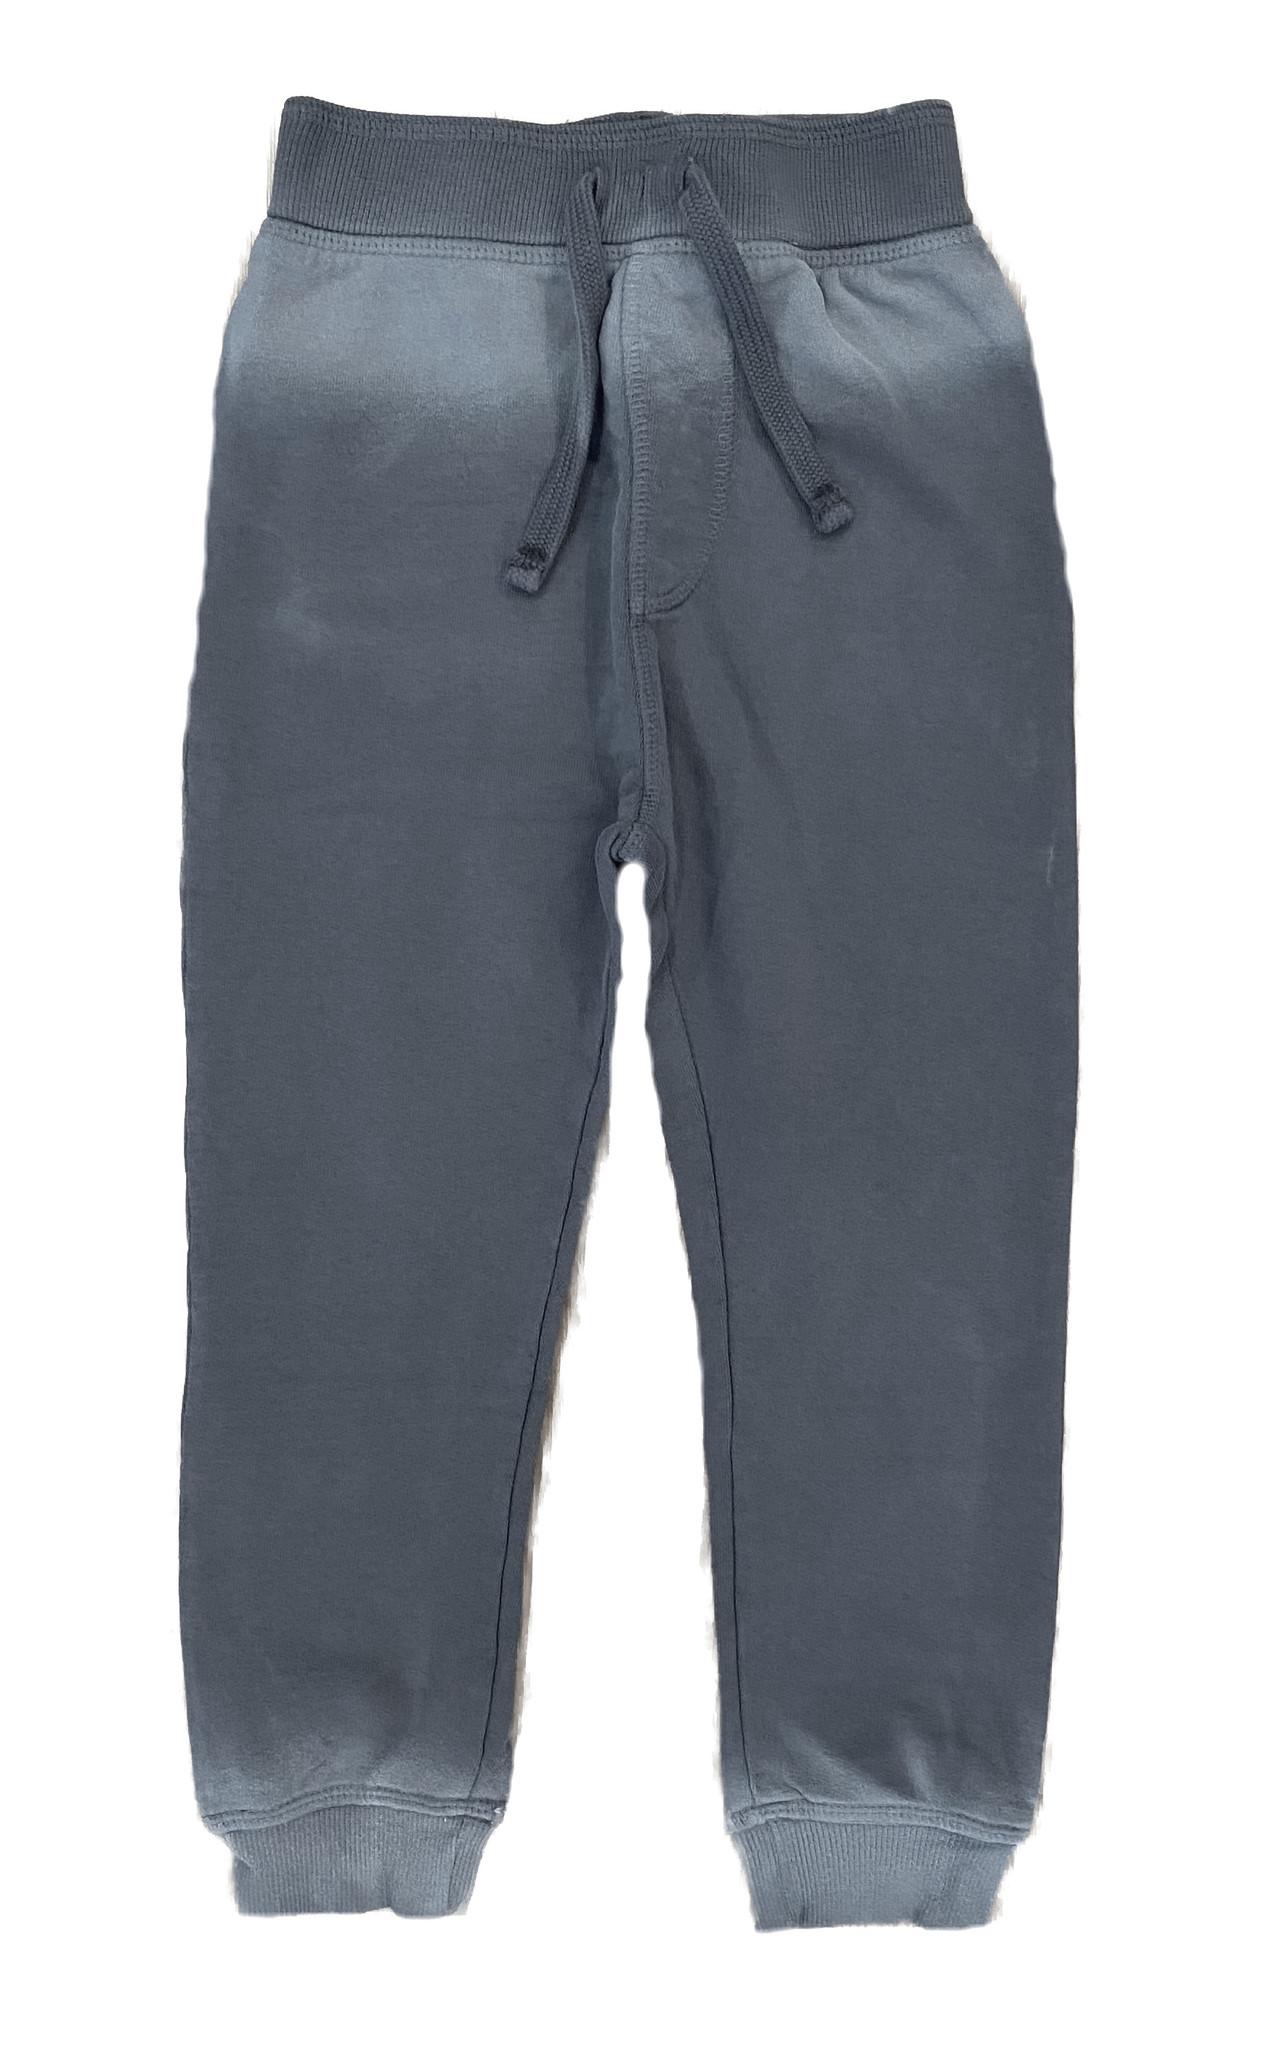 Mish Grey Ombre Jogger